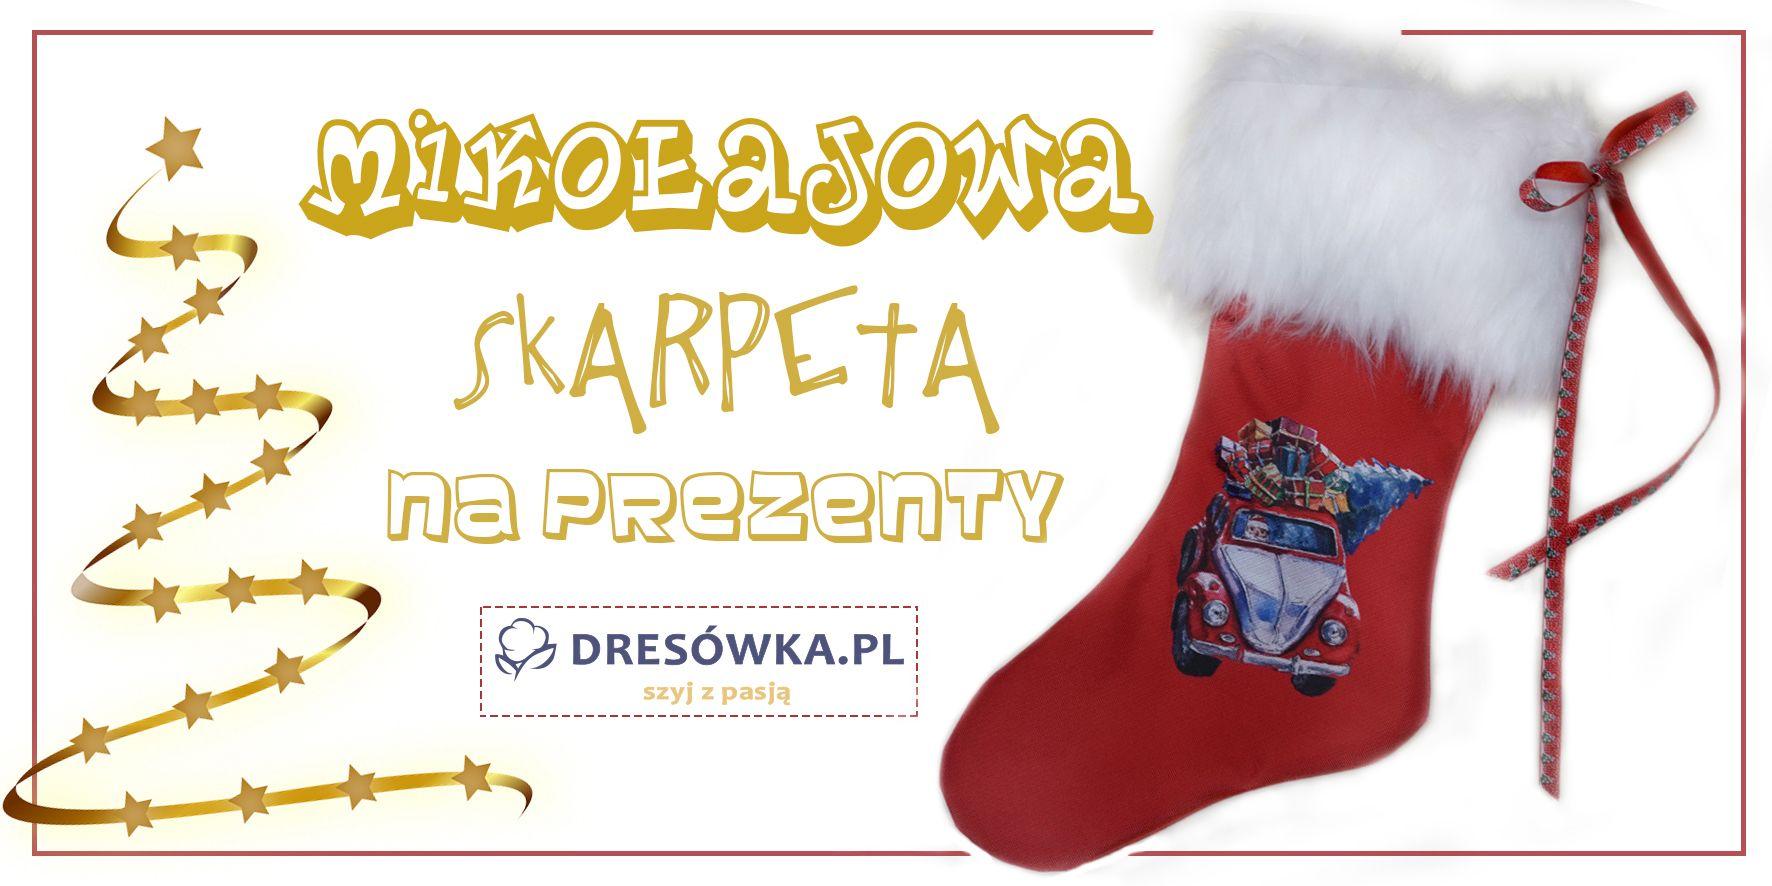 Mikołajowa skarpeta na prezenty - gotowe zestawy